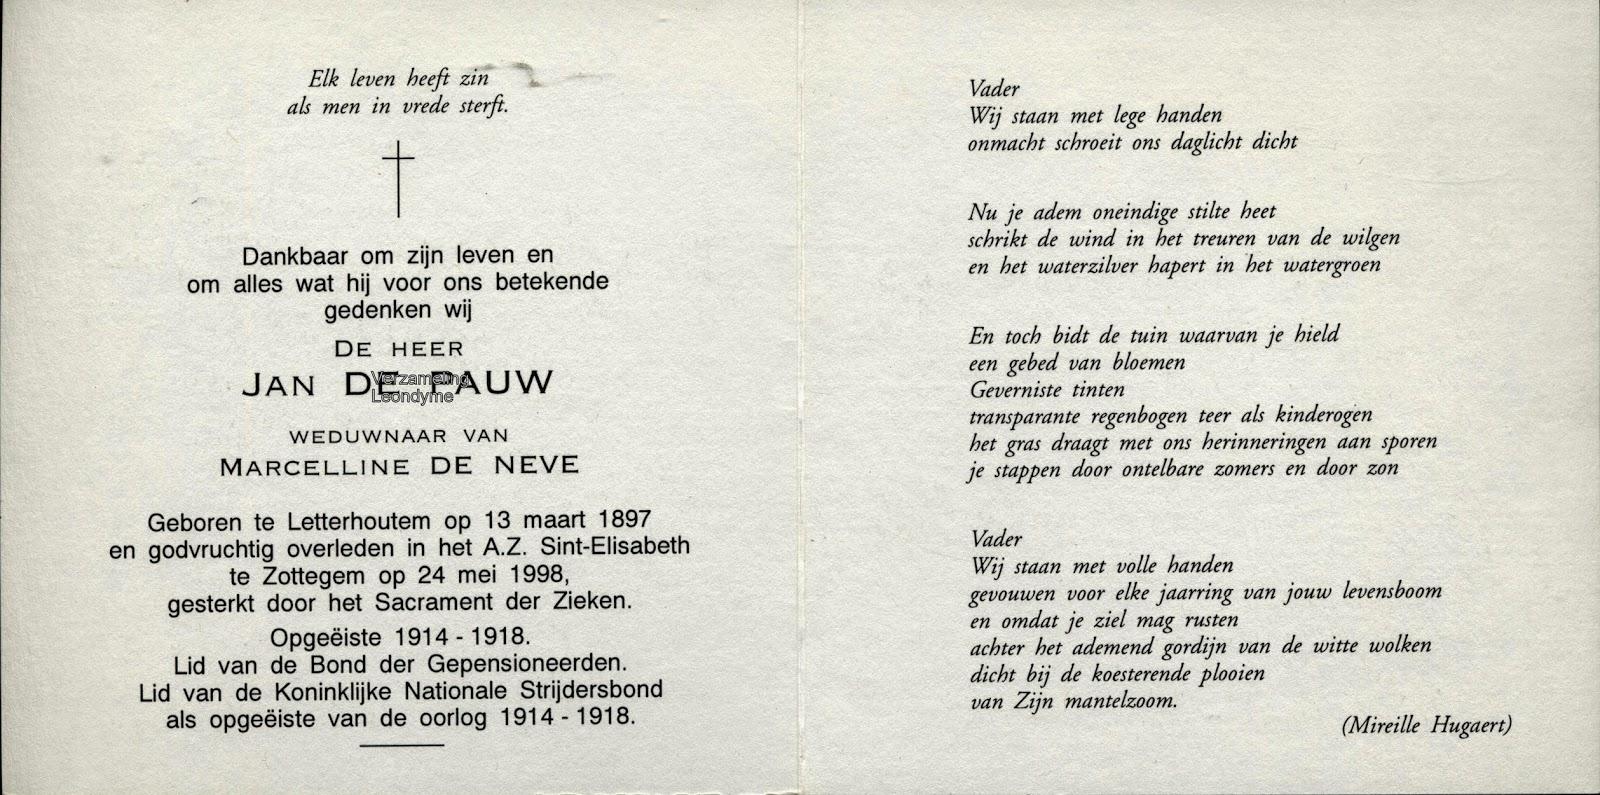 Bidprentje, opgeëiste Jan De Pauw 1897-1998, Wereldoorlog 1914-1918. Verzameling Leondyme.